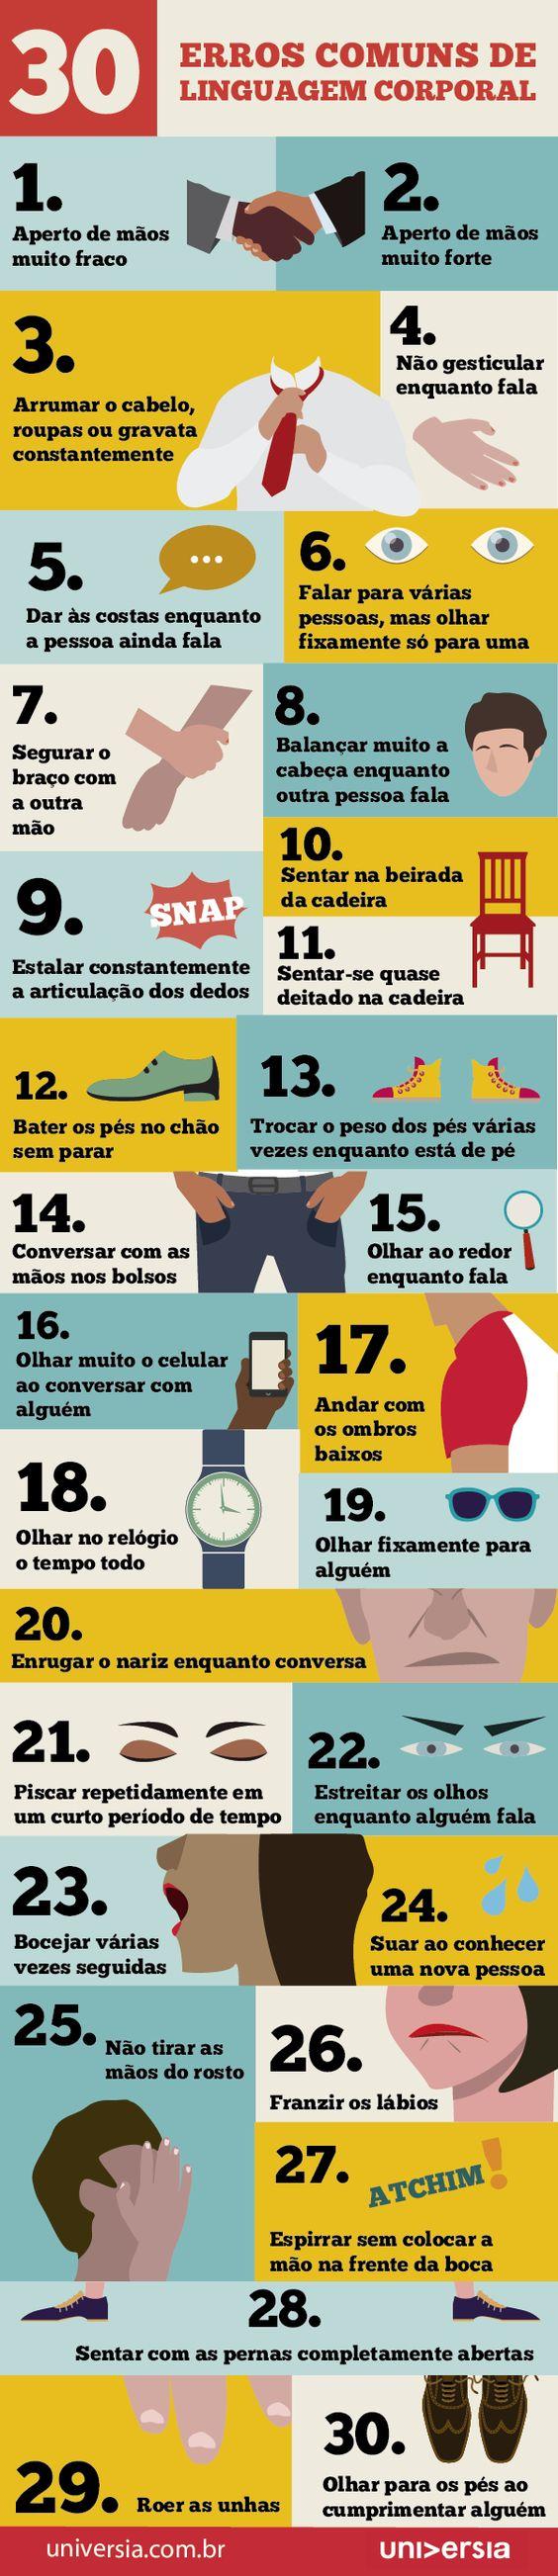 Infográfico: os 30 erros comuns de linguagem corporal: